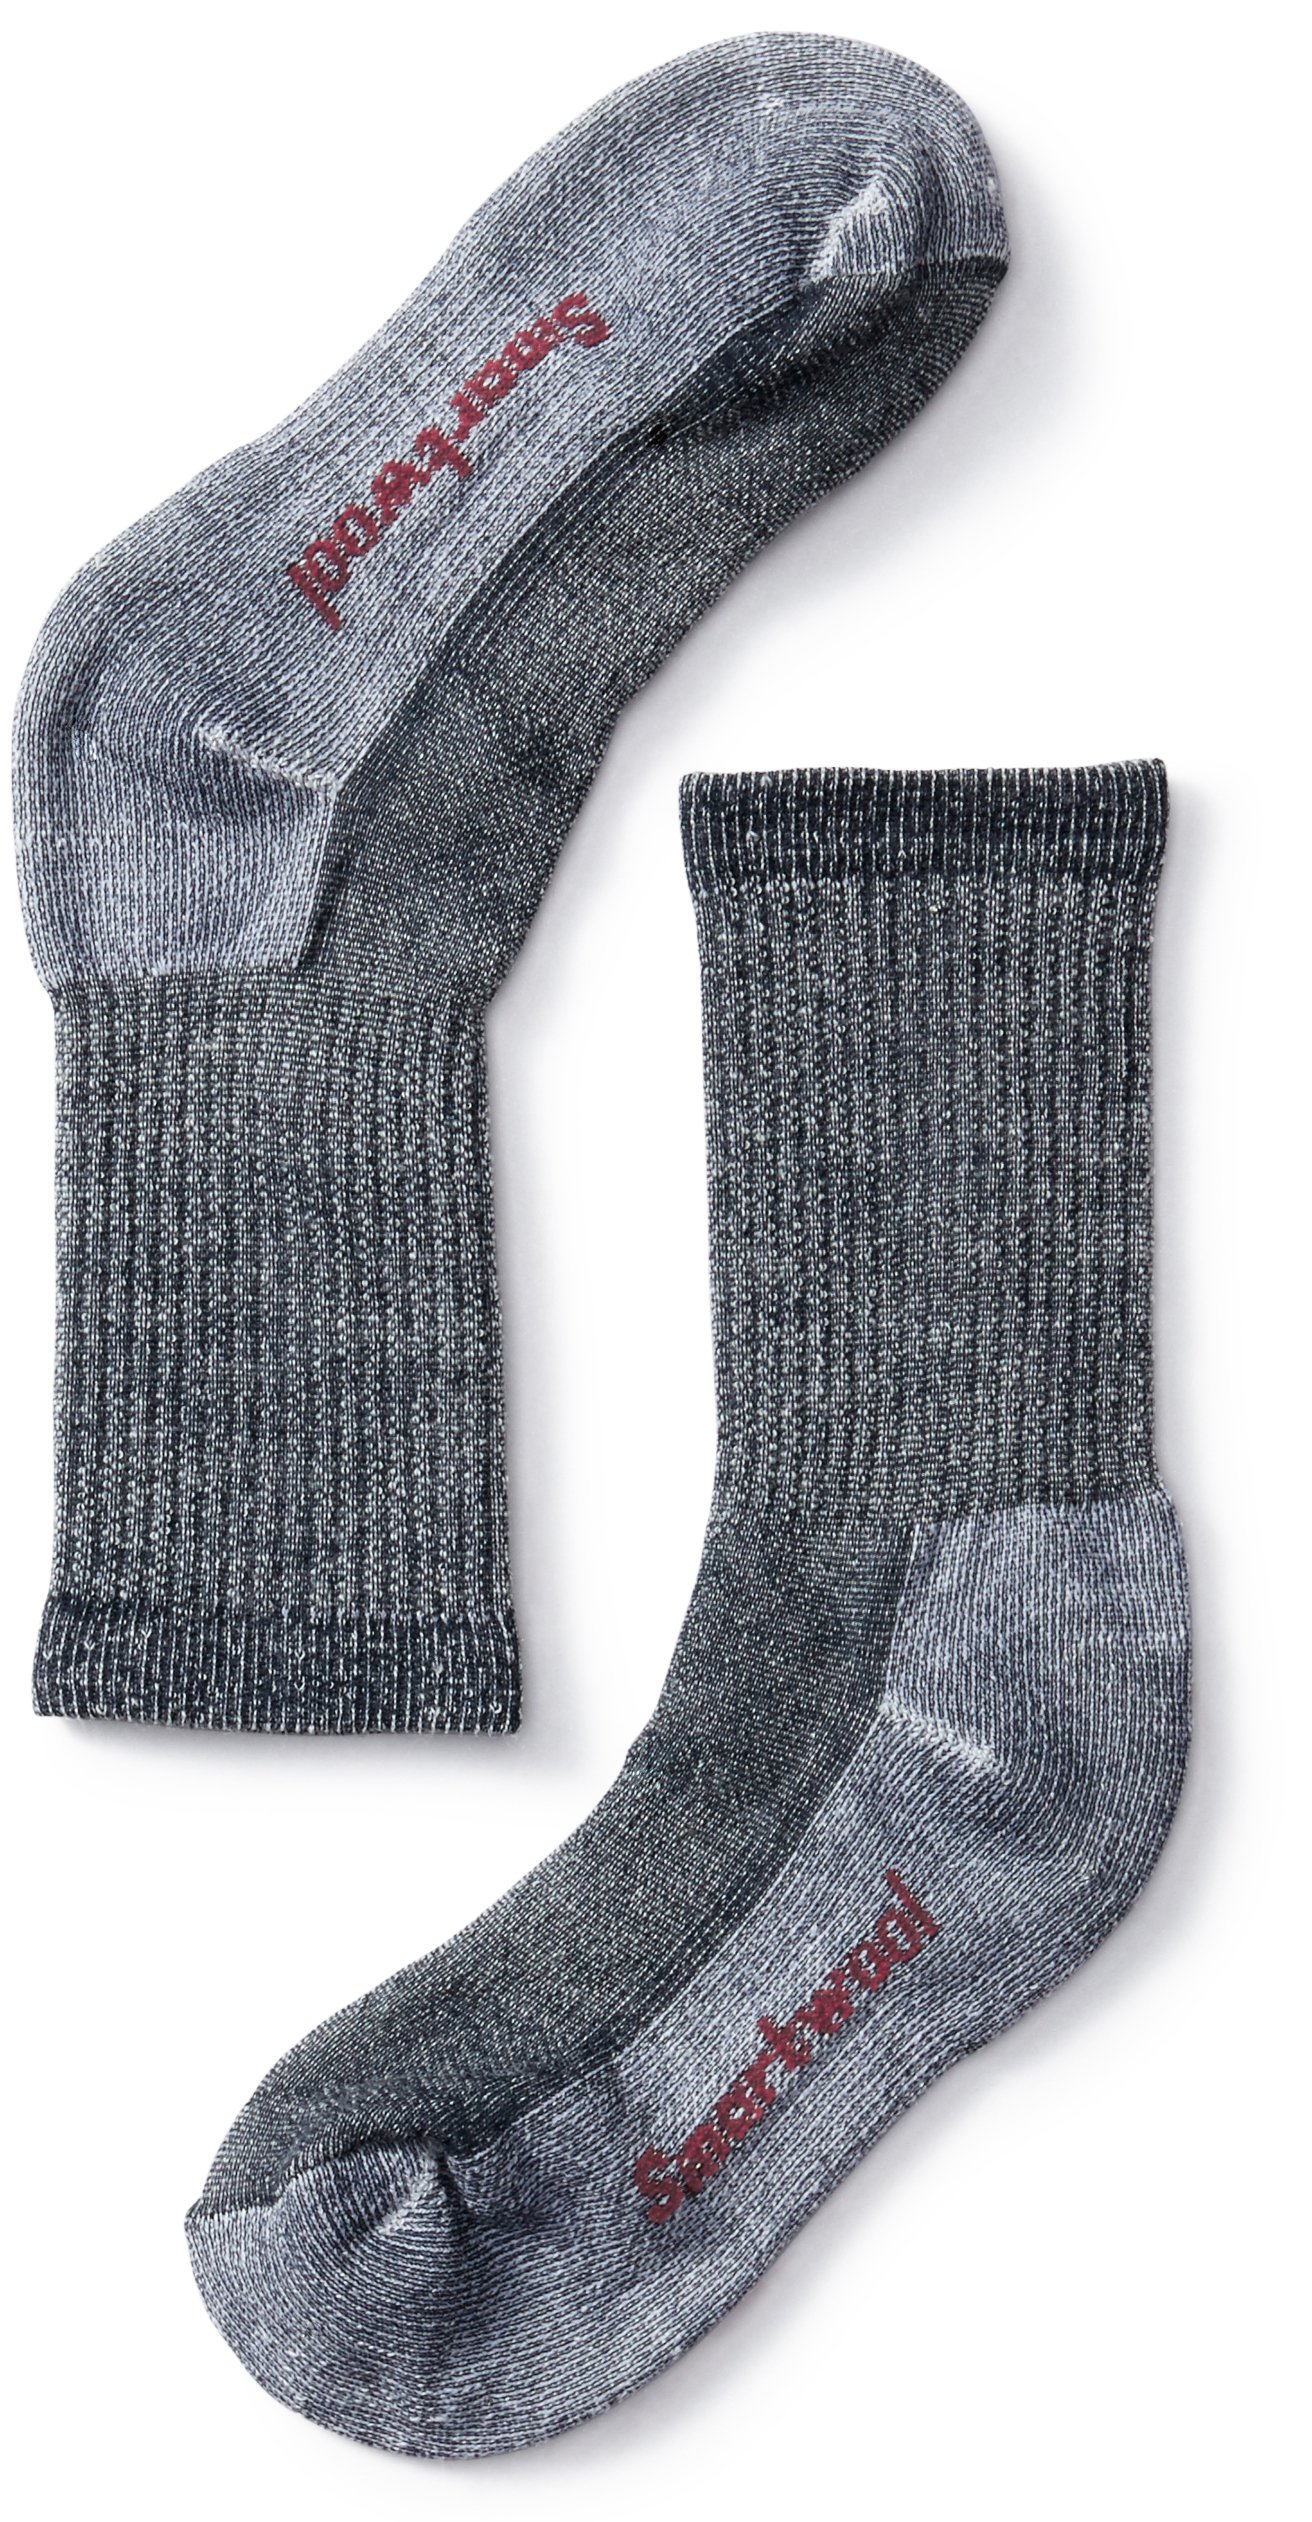 Smartwool Kid's Hike Medium Crew Socks 1